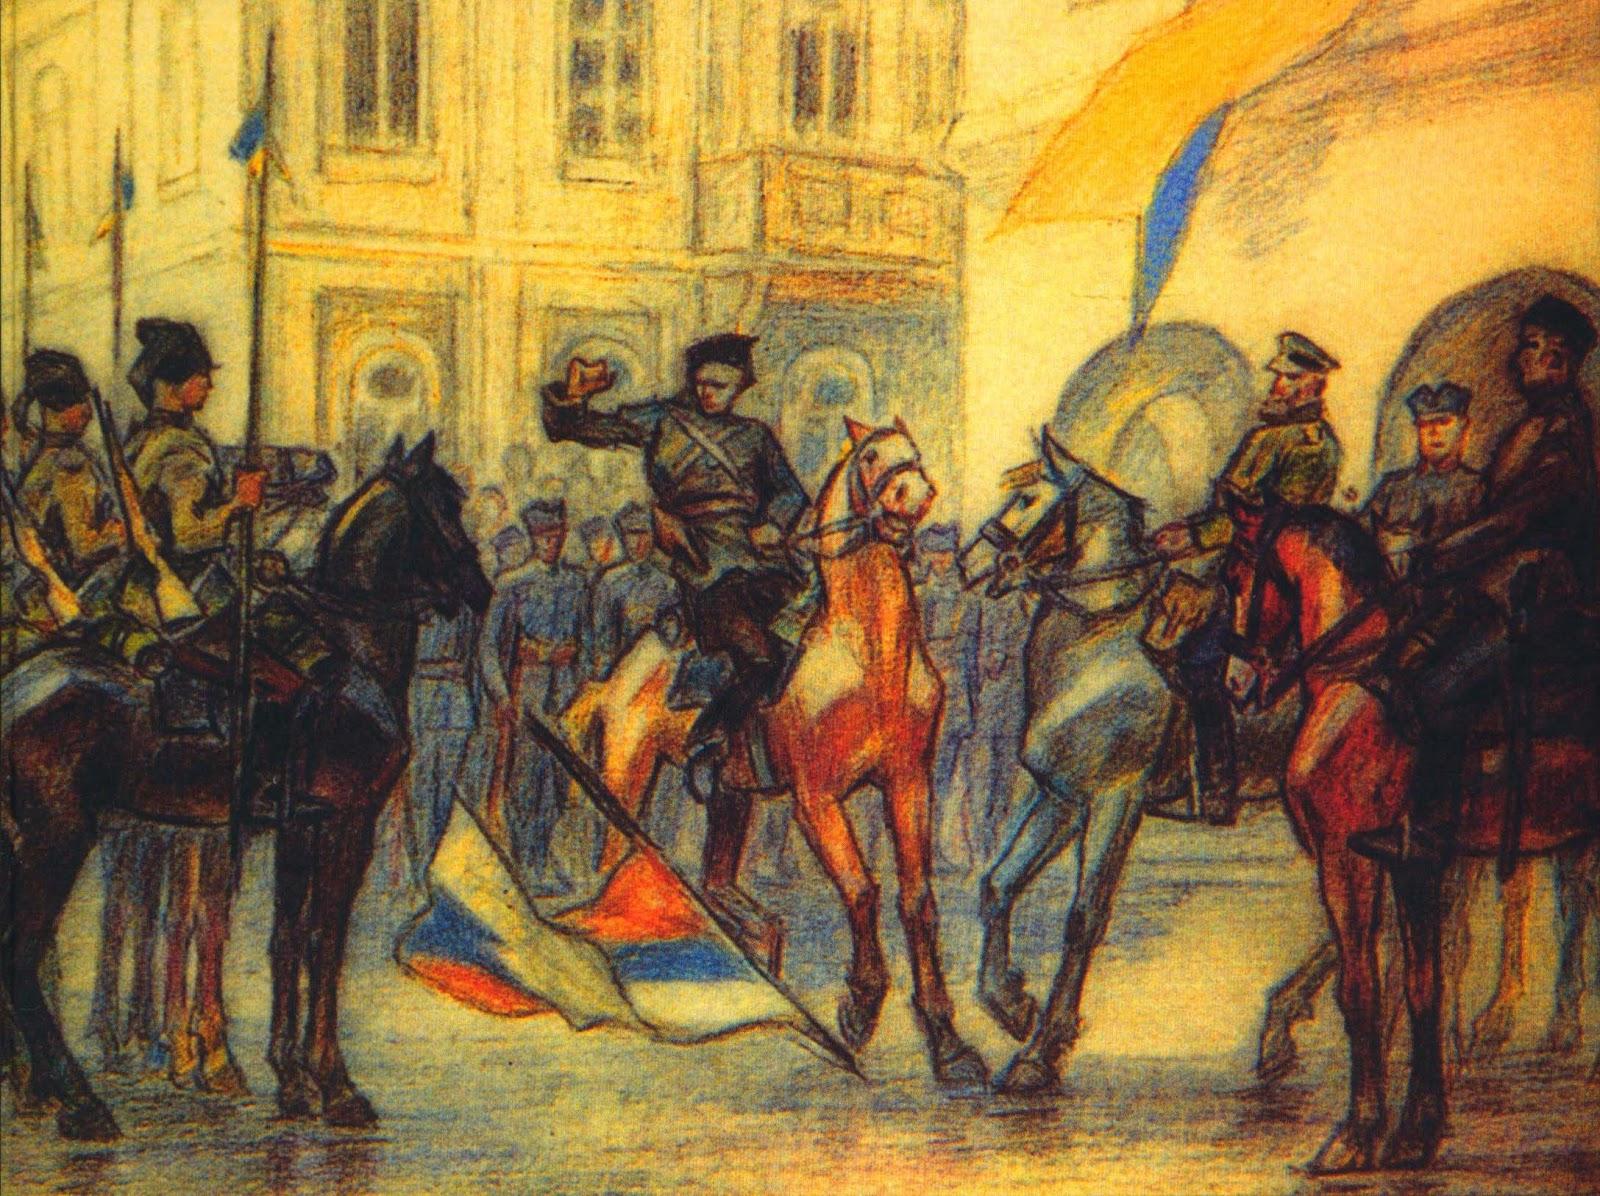 Події 31 серпня на Думській площі. Малюнок Леоніда Перфецького